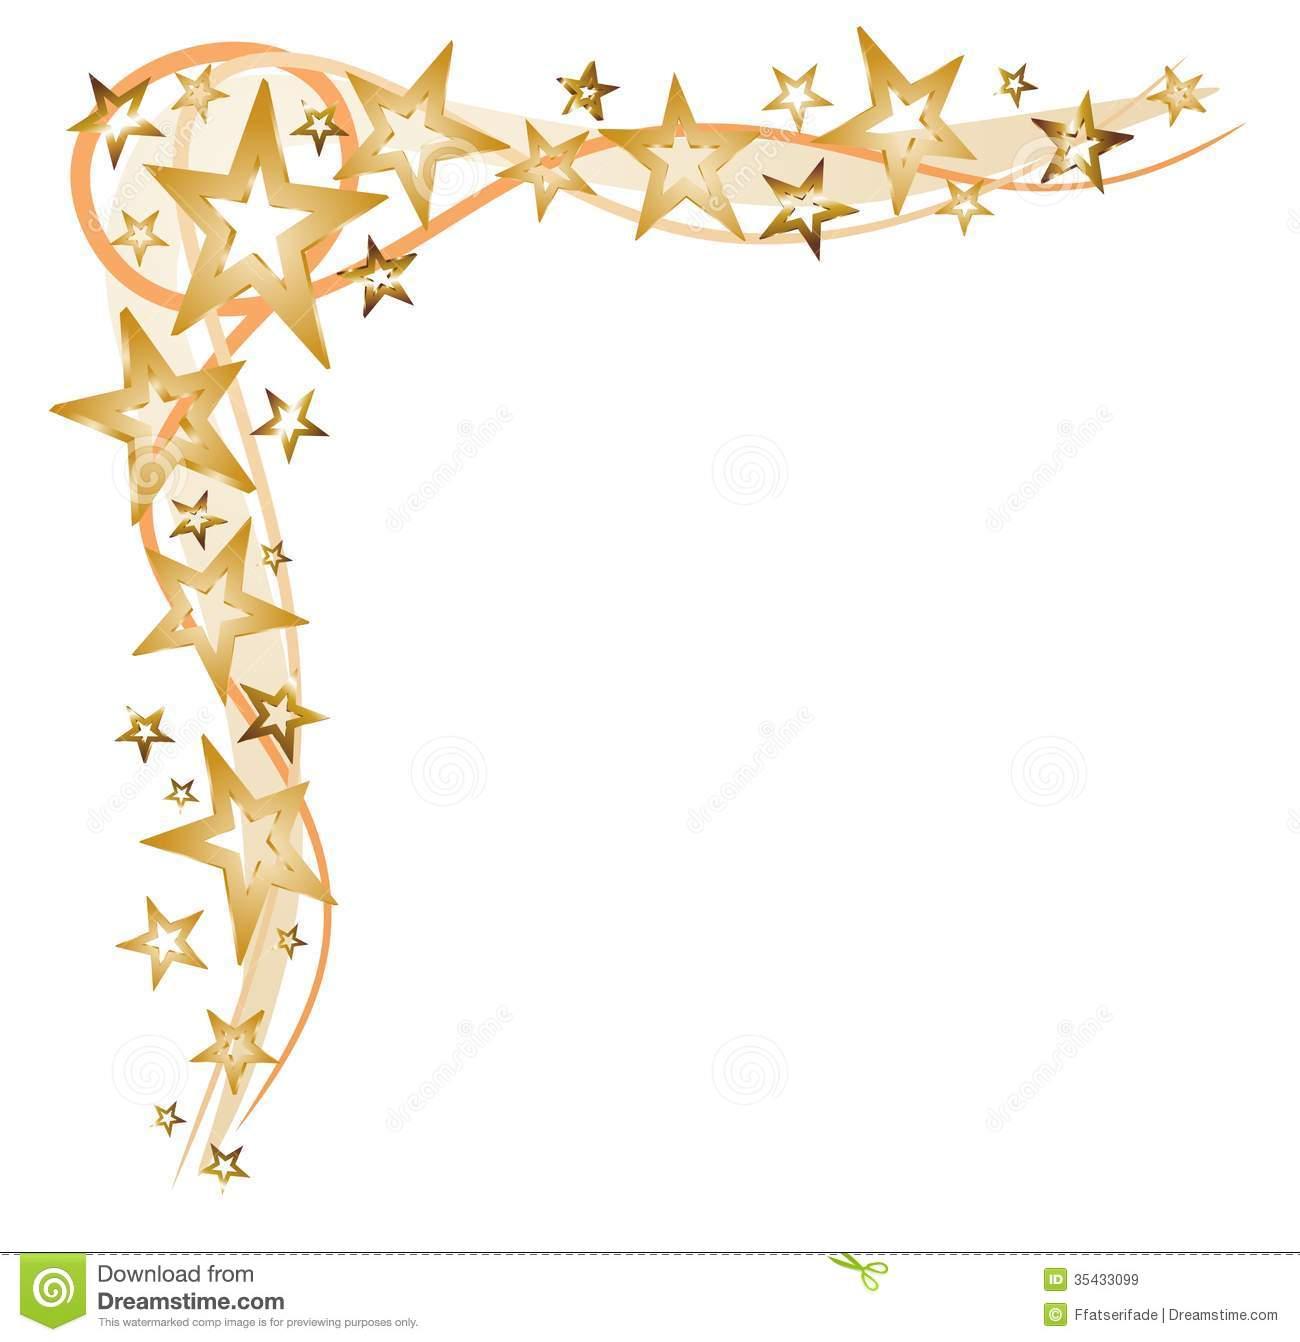 Cliparts weihnachten kostenlos sterne svg royalty free Weihnachten clipart sterne kostenlos 3 » Clipart Station svg royalty free